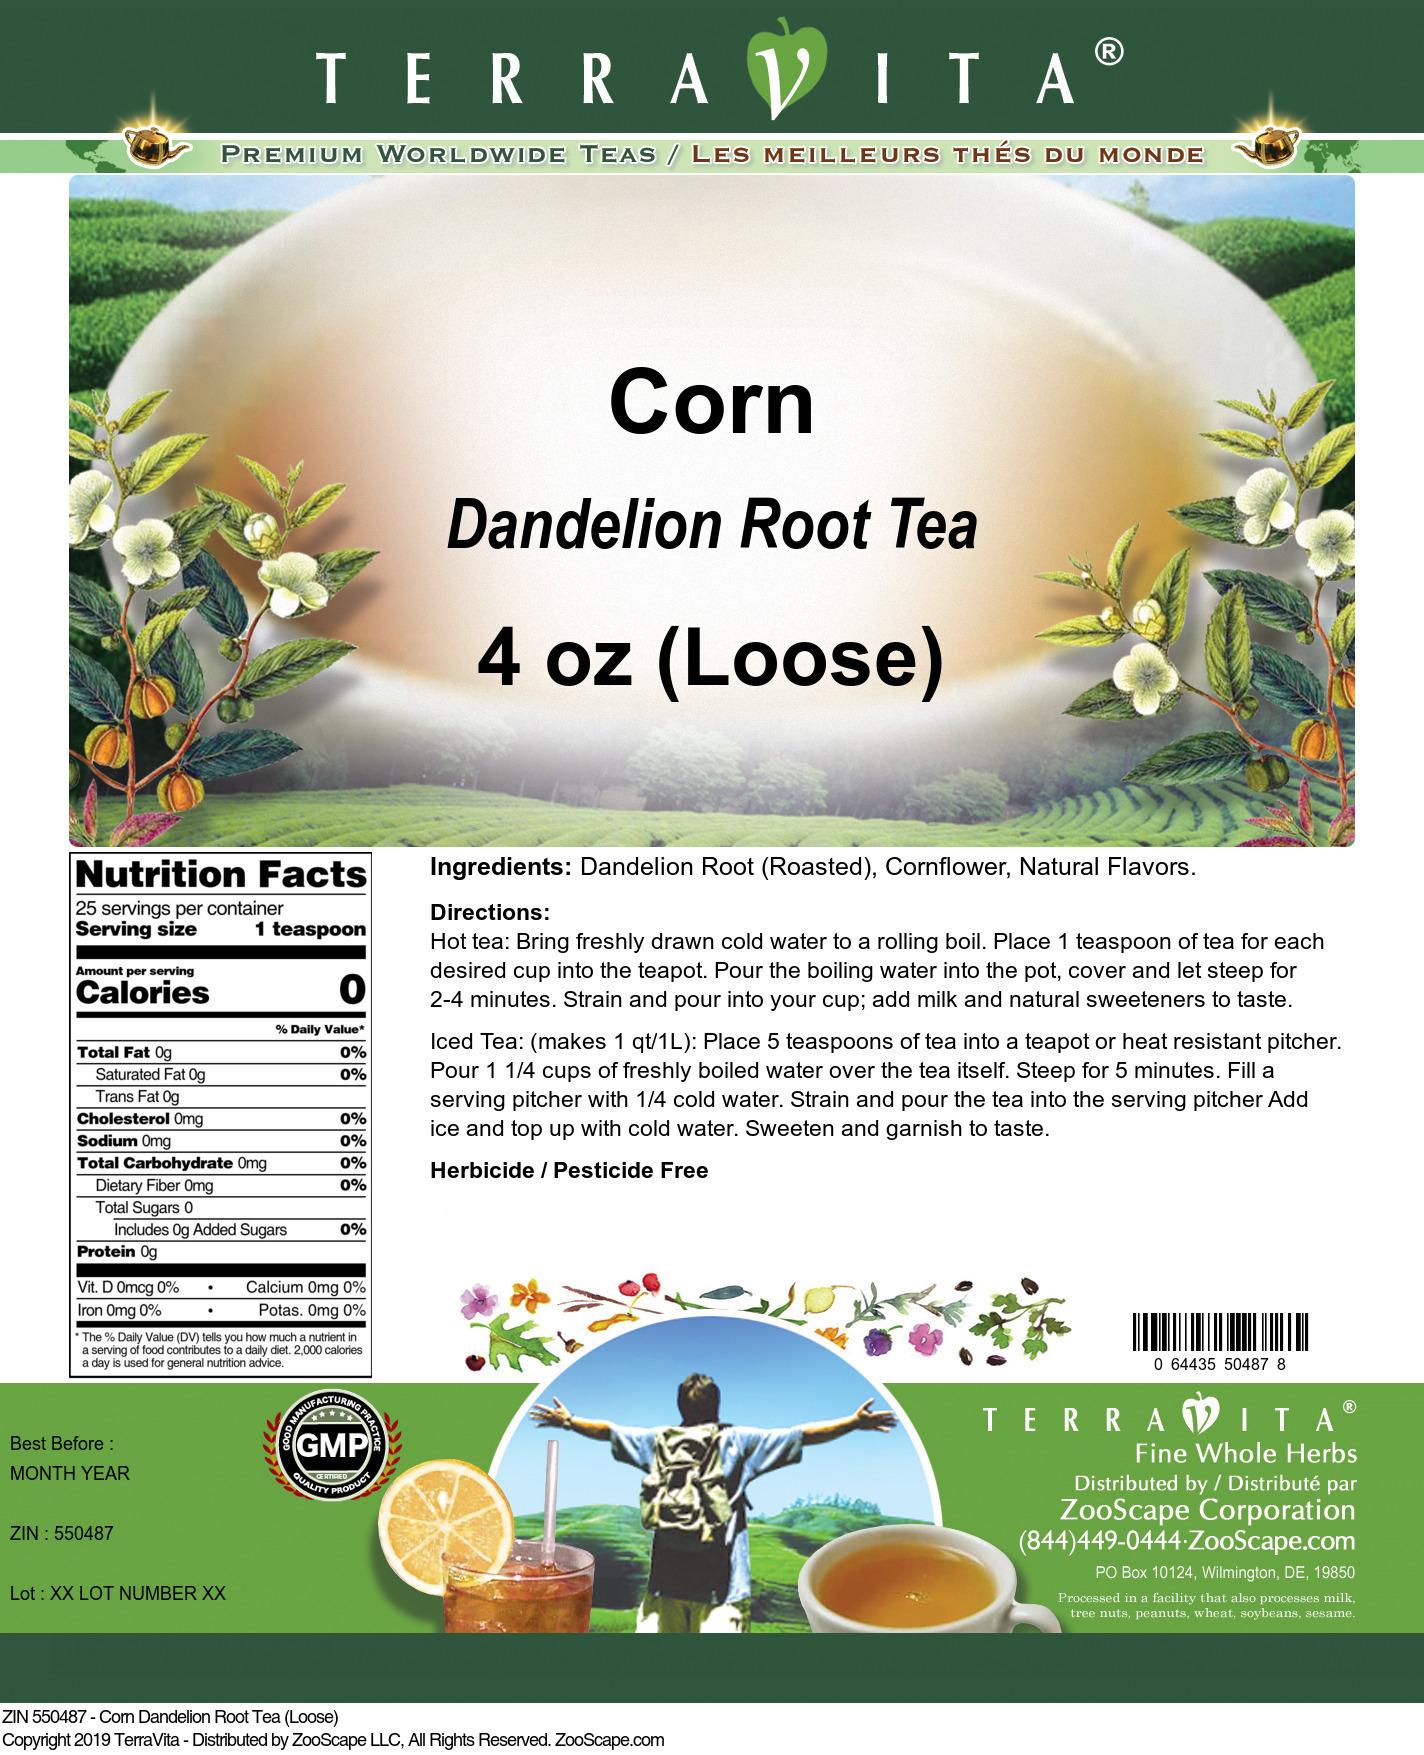 Corn Dandelion Root